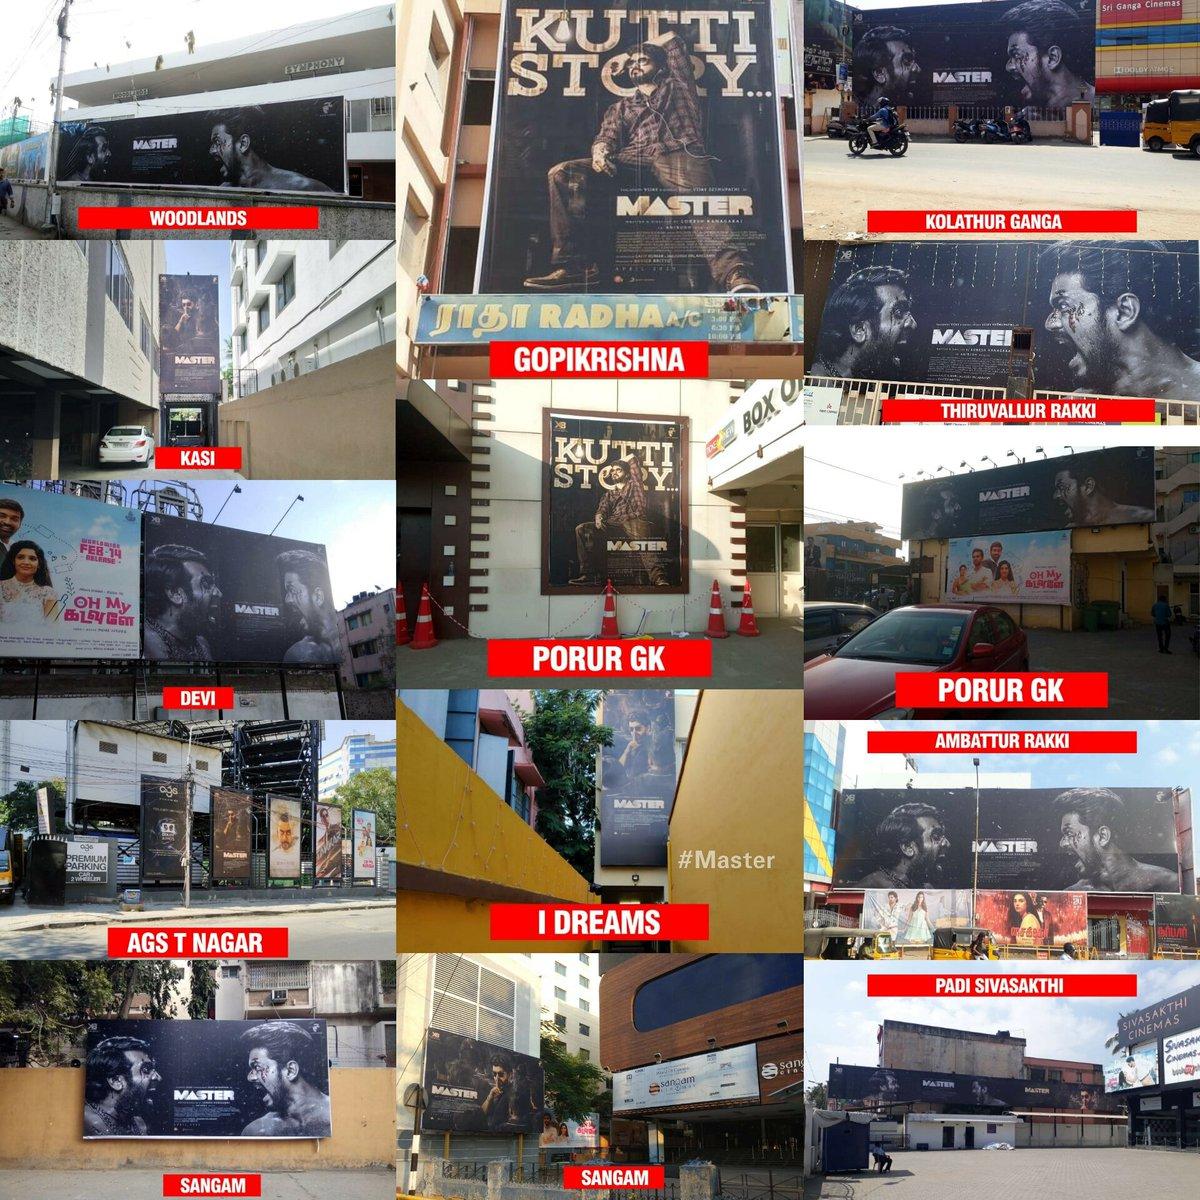 #ThalapathyVijay's #Master hoardings placed at Chennai Theatres! @MasterMovieOff.  1) @kasi_theatre  2) @GKcinemas  3) @ganga_cinemas  4) @SangamCinemas  5) @agscinemas  6) @rakkicinemas  7) @Sivasakthicinem  8) @Marlencinemas 9) #Woodlands 10) #IDreamCinemas 11) #Devicinemas